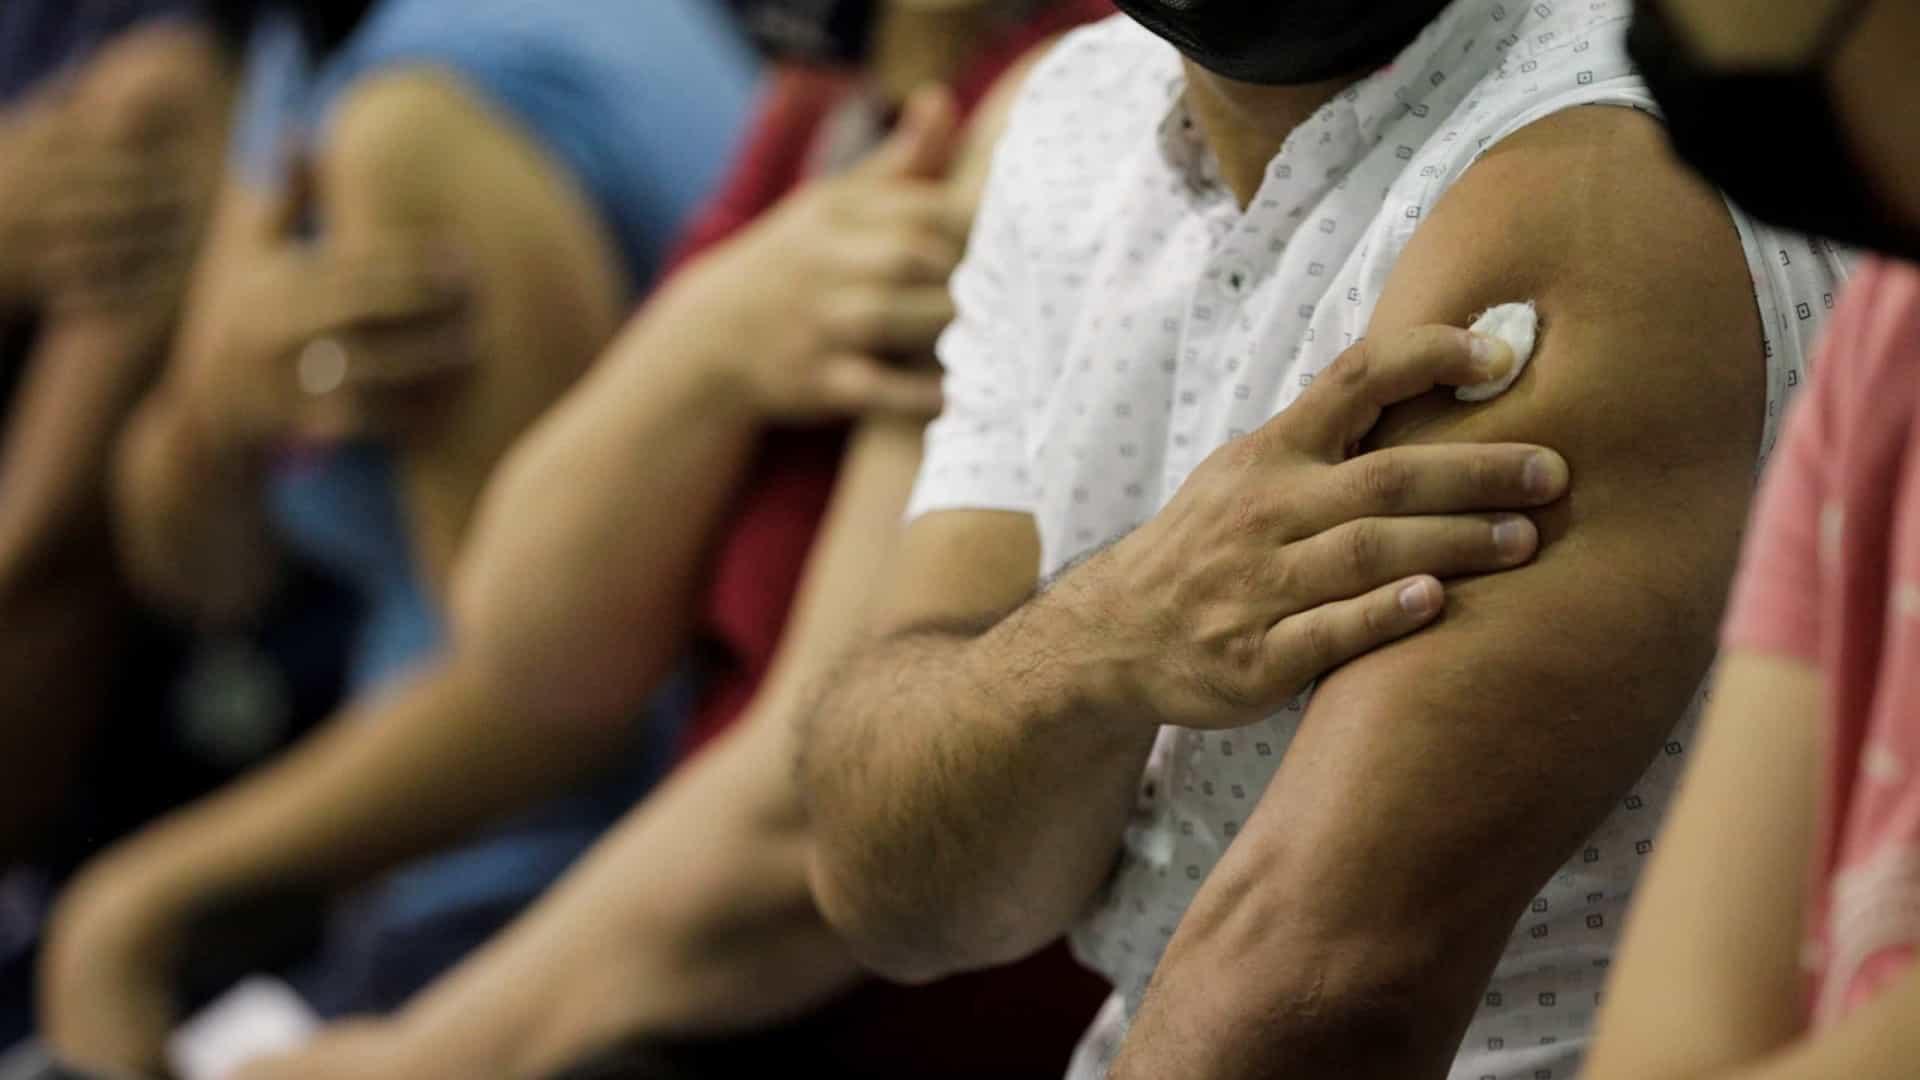 naom 6088529032a6d - Covid-19: EUA apoiam distribuição mundial de vacina a preço de custo